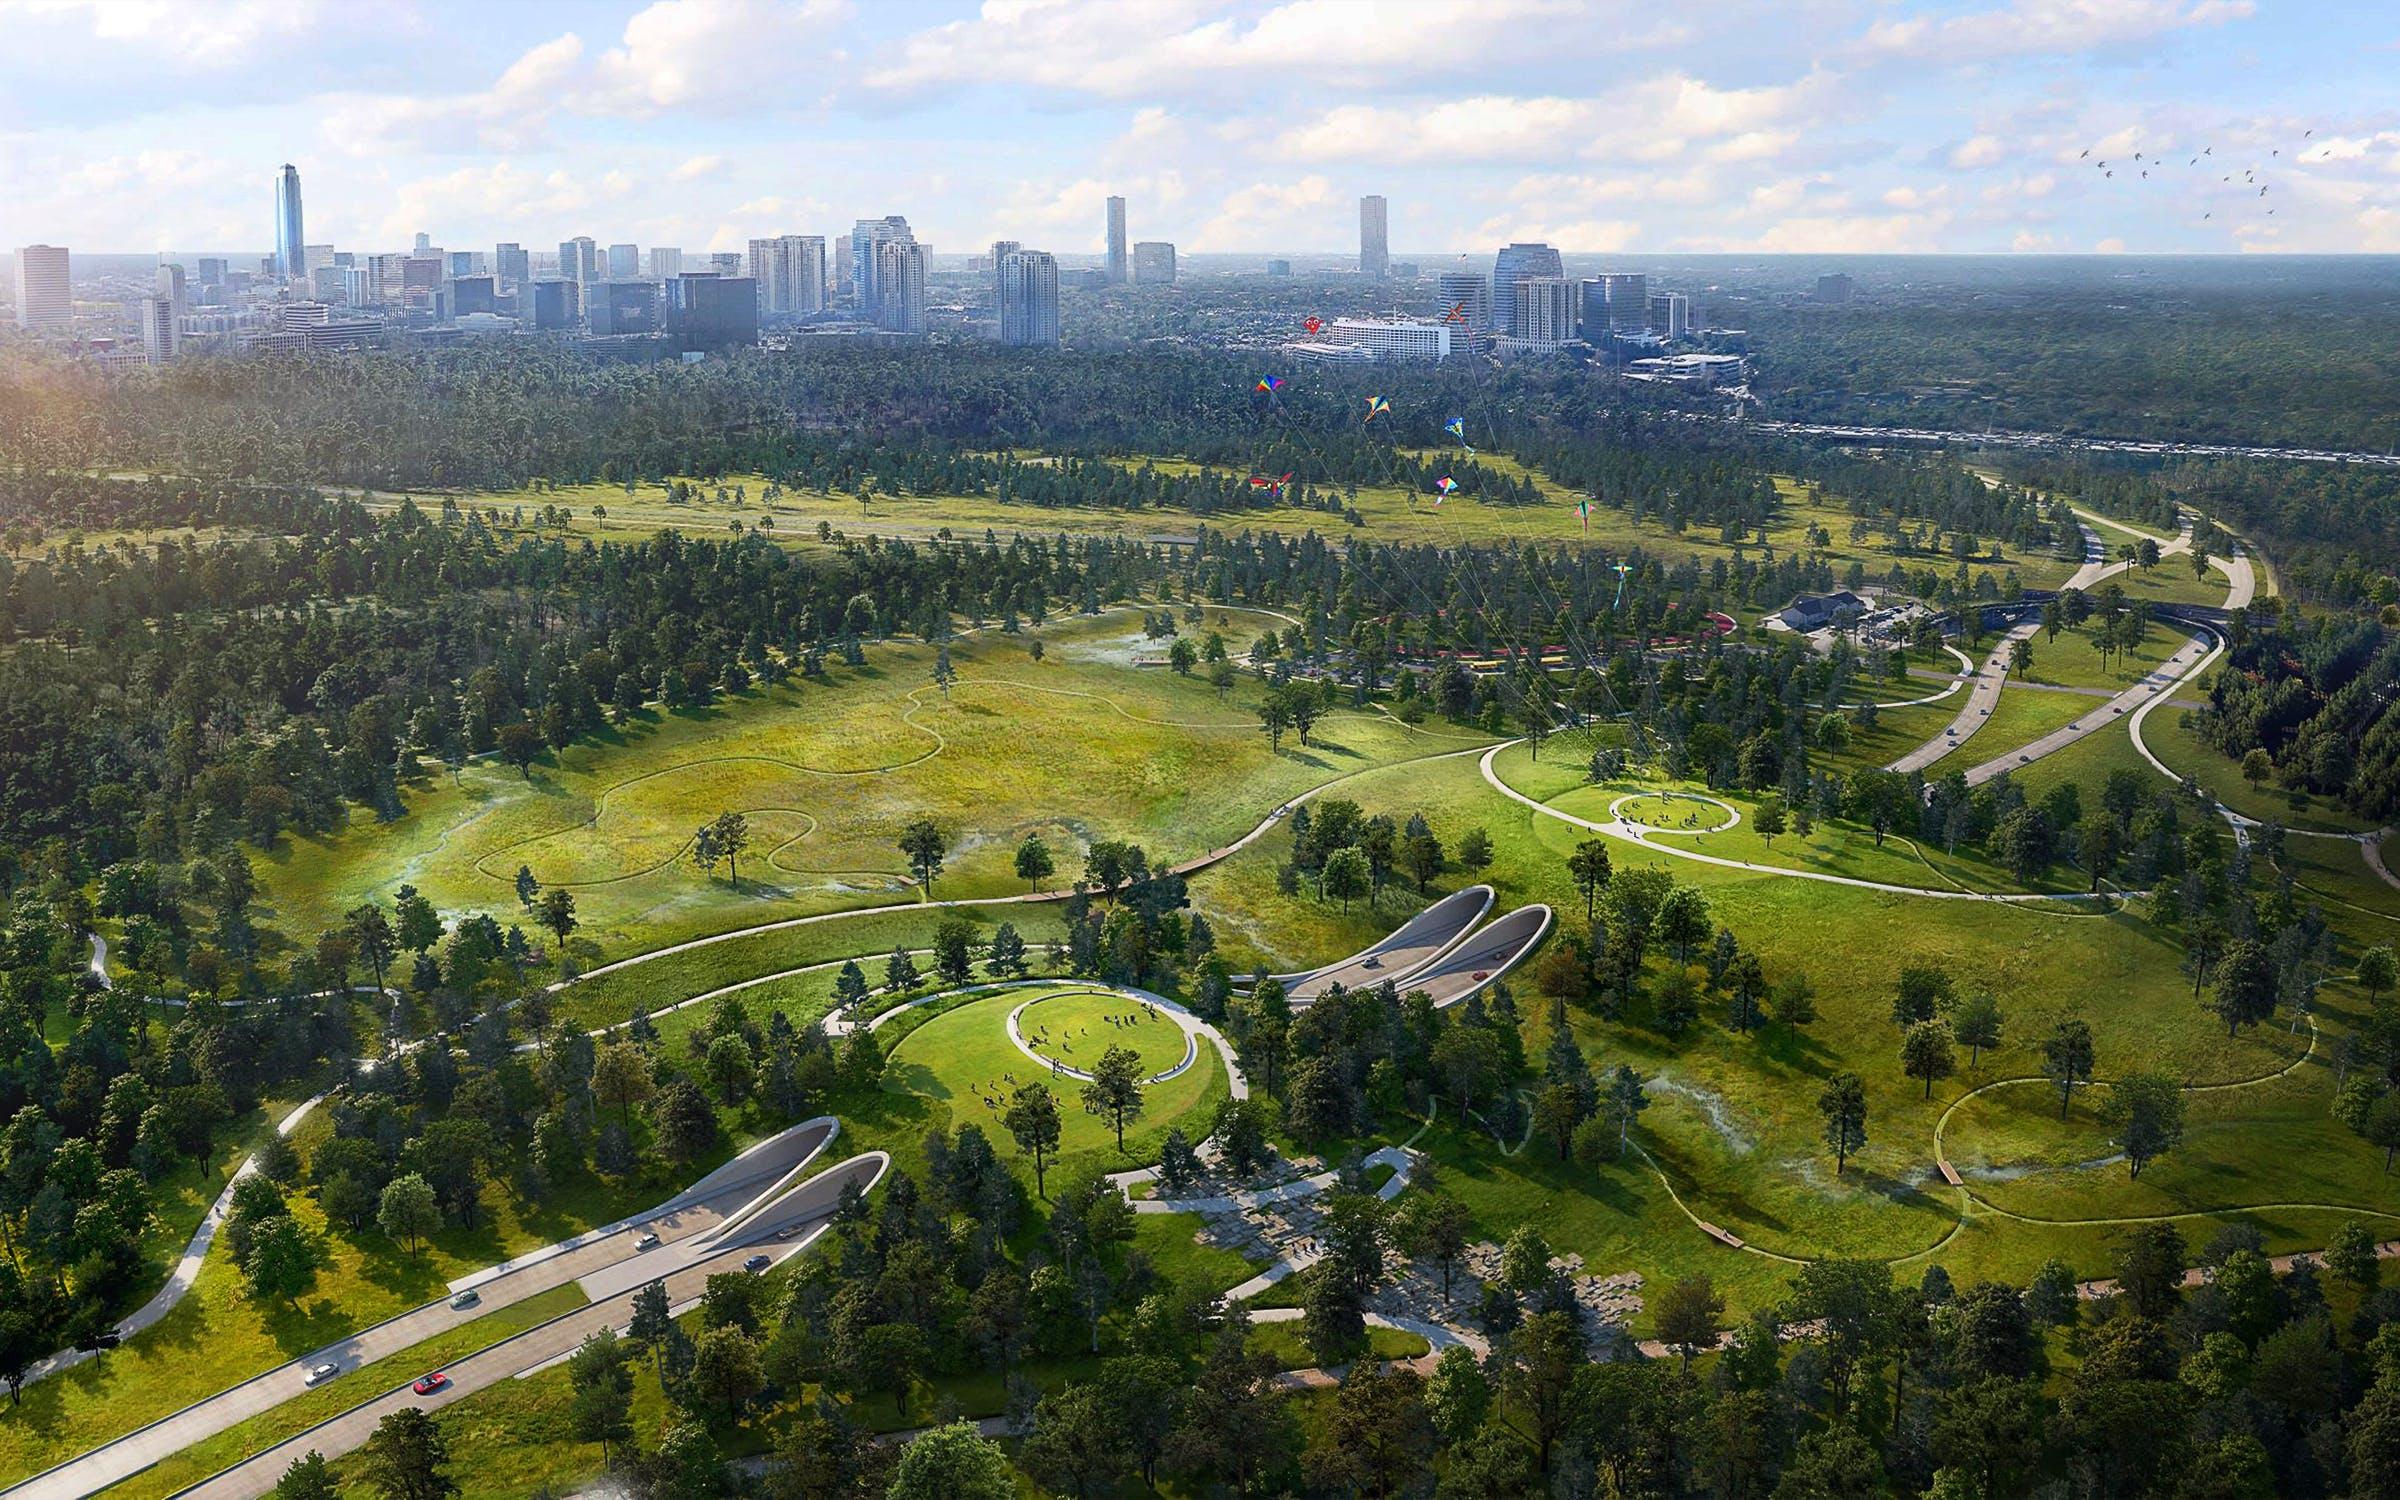 memorial-park-redesign-rendering